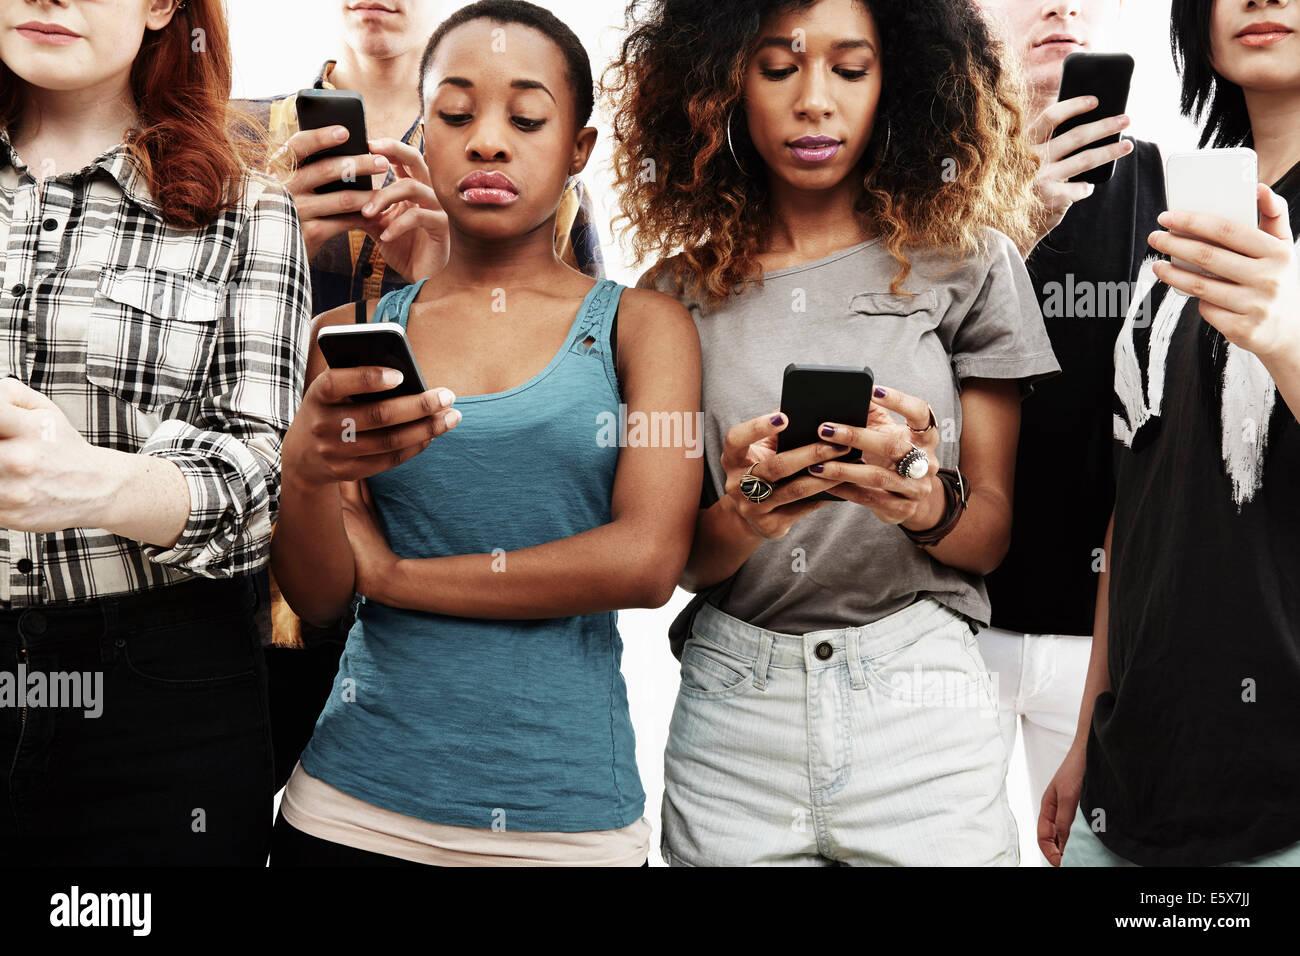 Studioaufnahme von sechs jungen Erwachsenen SMS auf smartphone Stockfoto